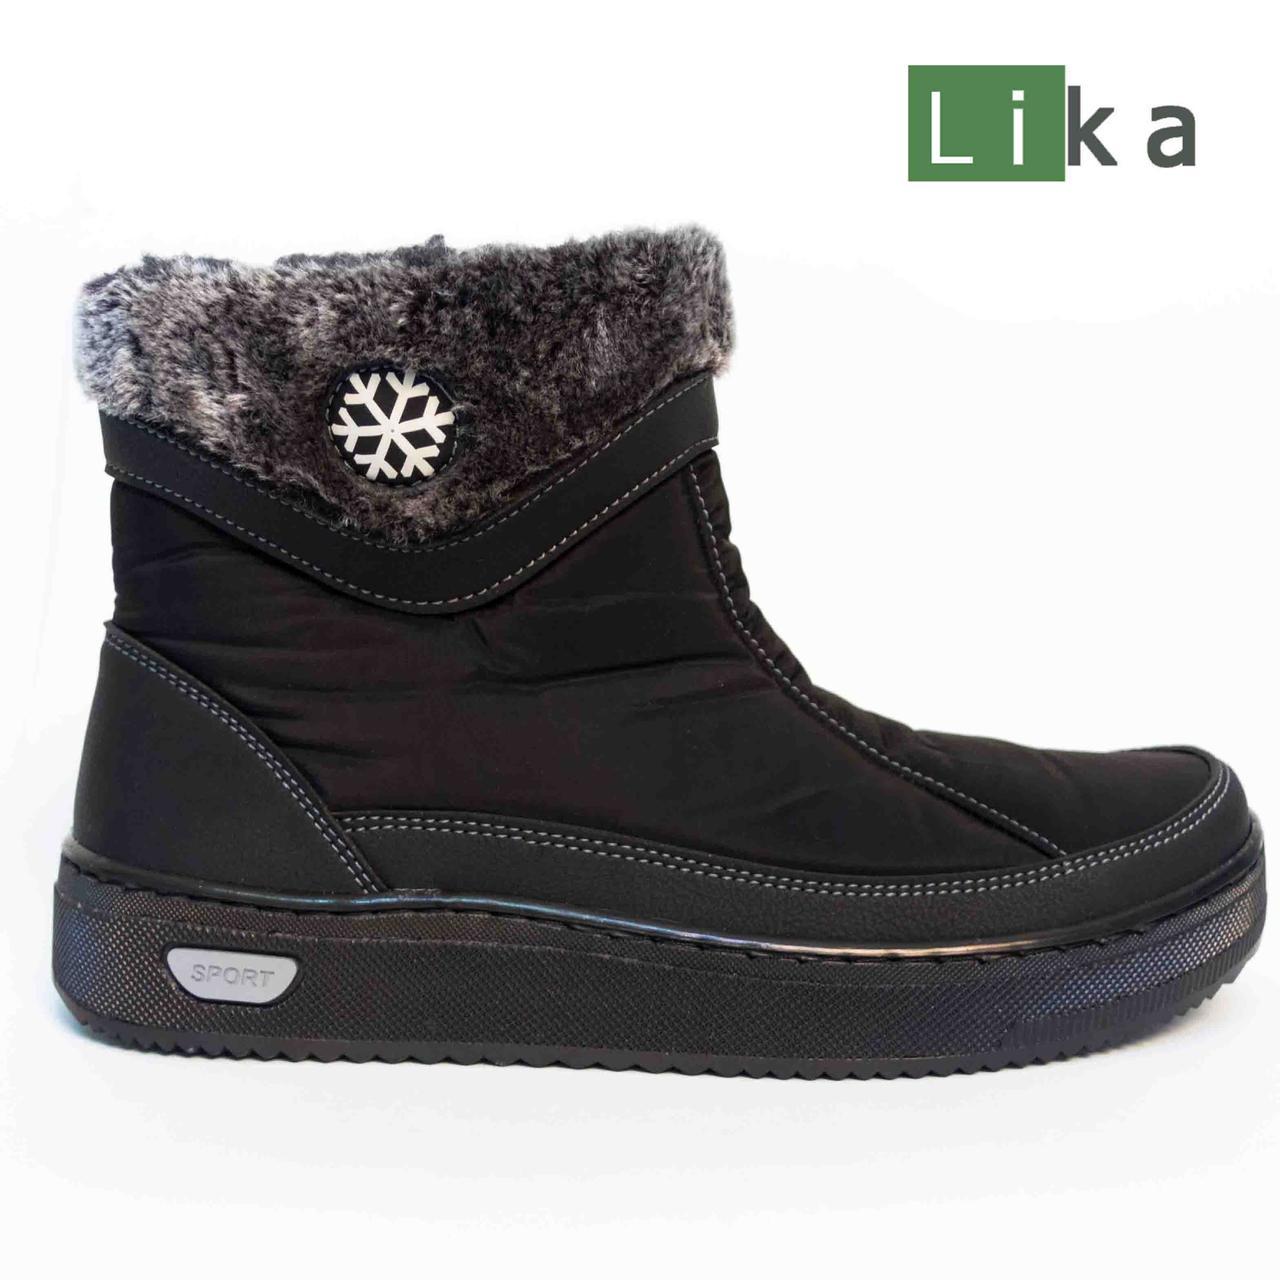 Жіноче взуття оптом - Львівська фабрика взуття Lika 2d1a8b5ff8f34